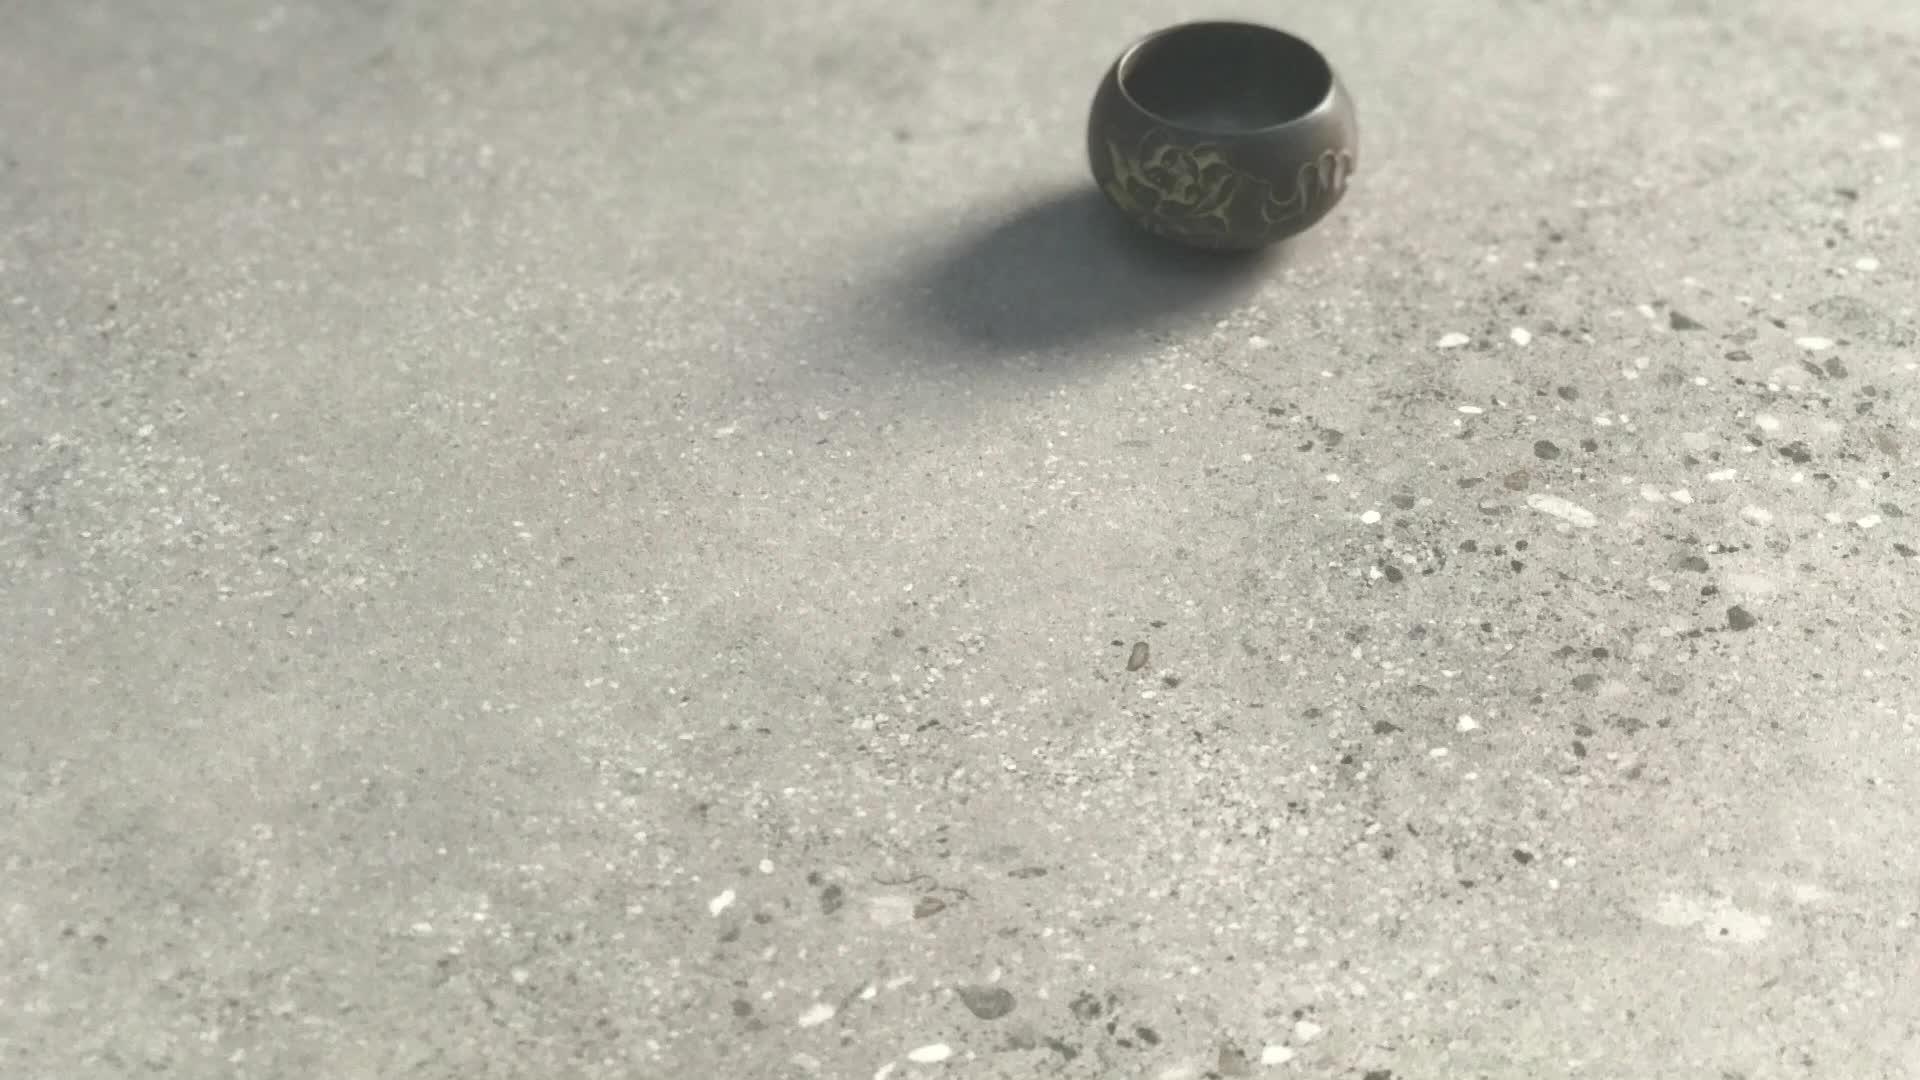 अर्द्ध पॉलिश चीनी मिट्टी के बरतन 60x60 ग्रे रंग सिरेमिक टाइल फर्श